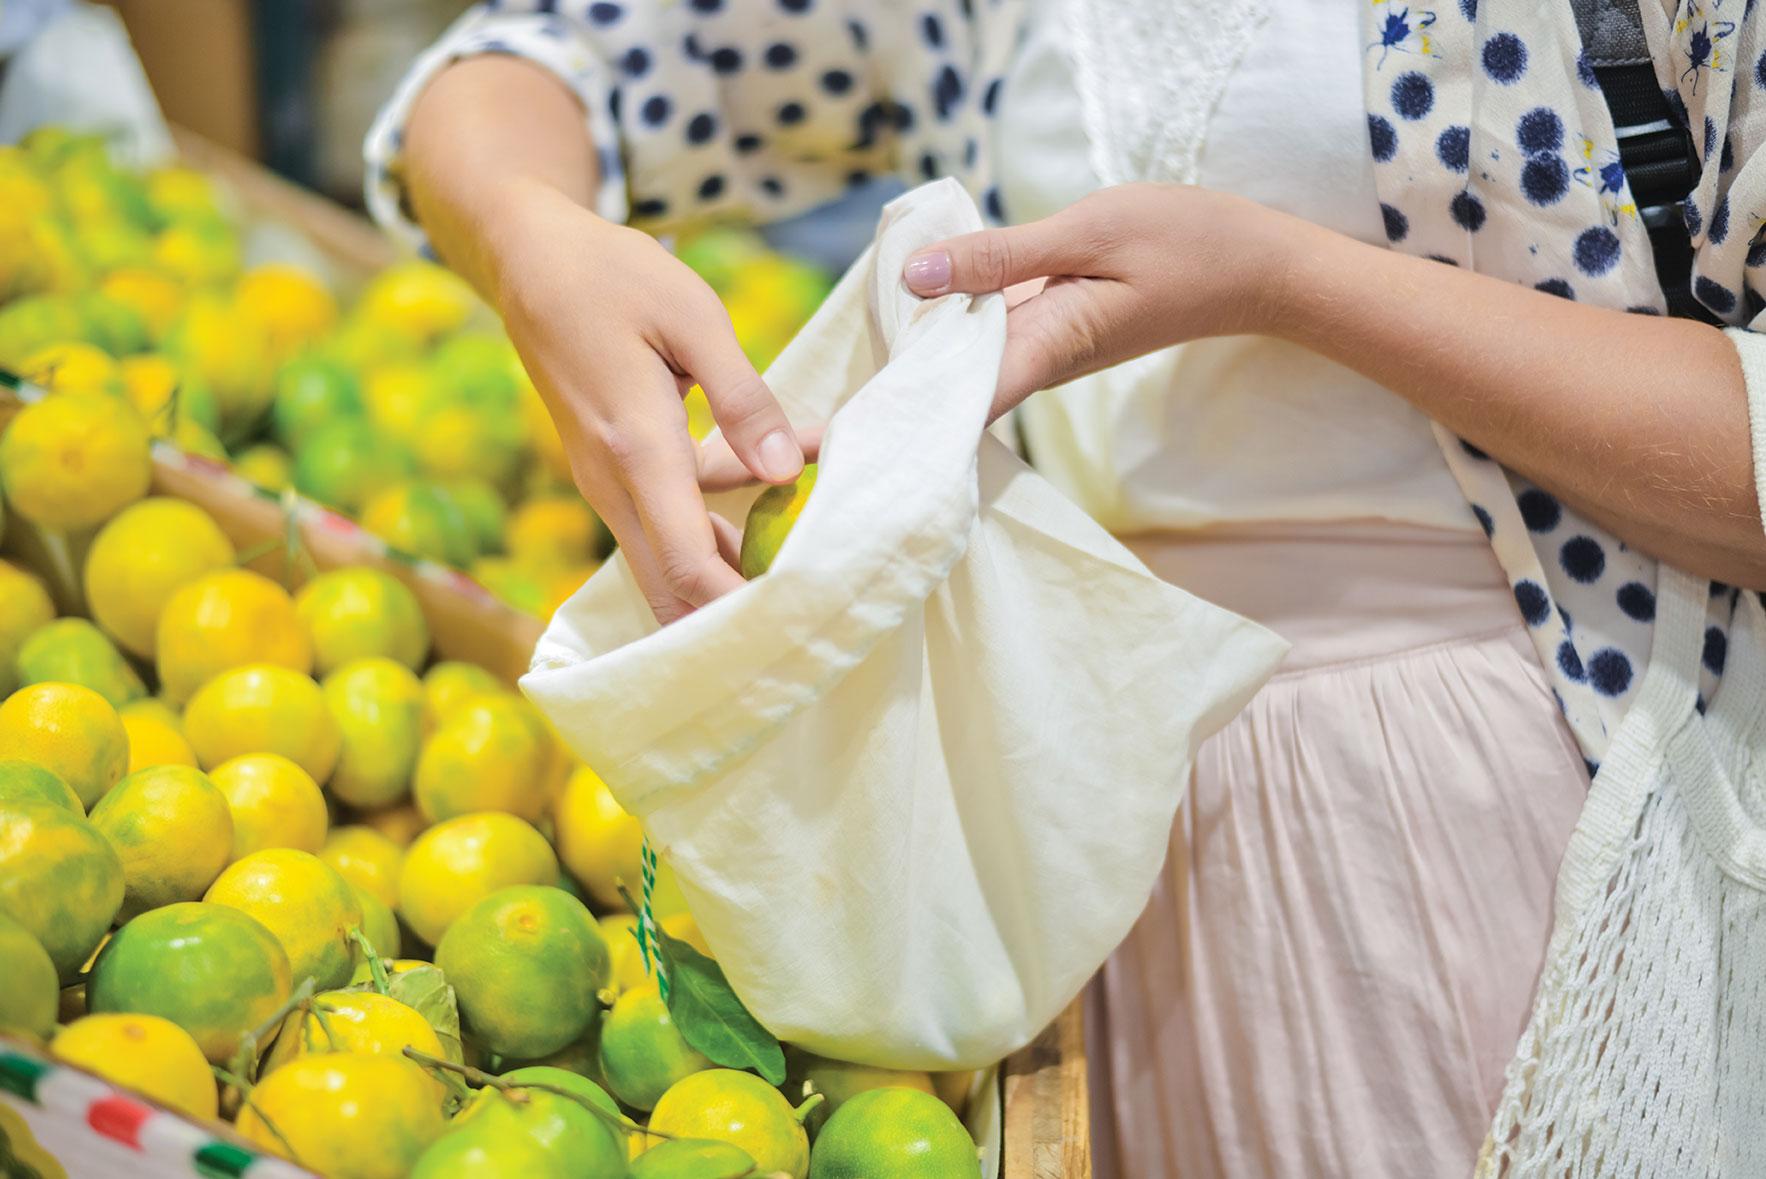 kait schulhof san diego sustainability canvas reusable produce bags